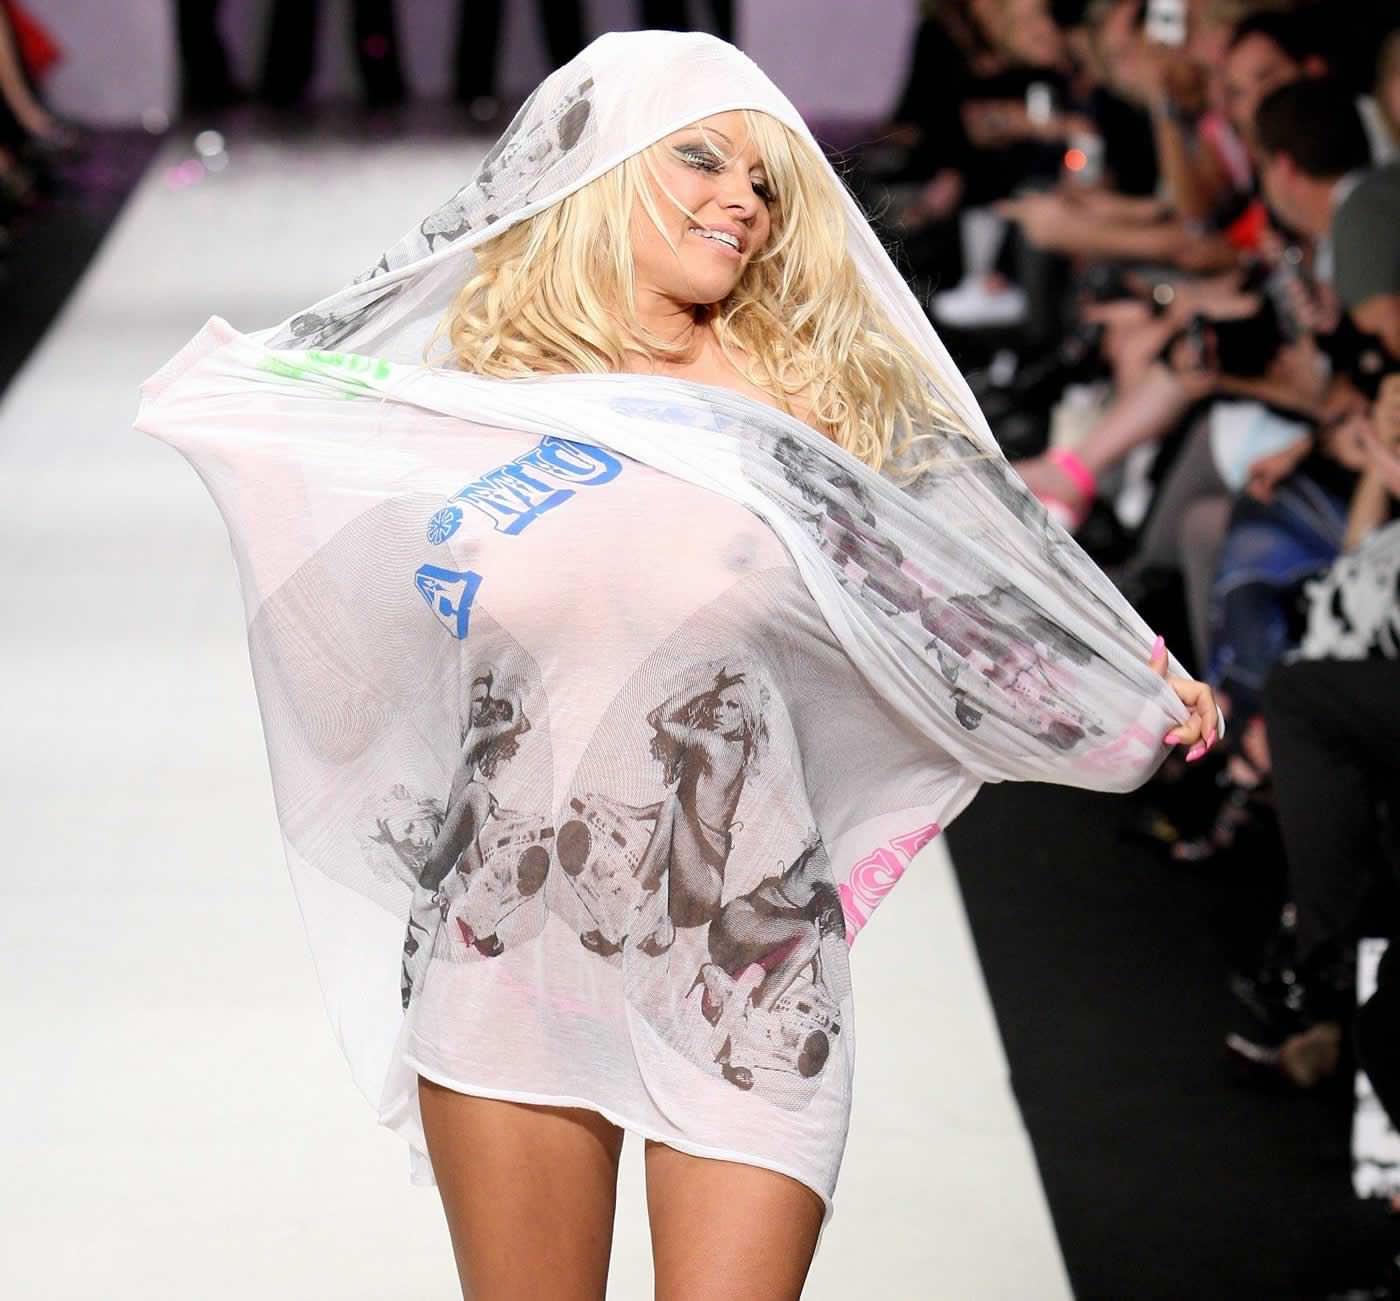 【外人】スーパーモデルがファッションショーで美乳首見せちゃってるおっぱいポルノ画像 399